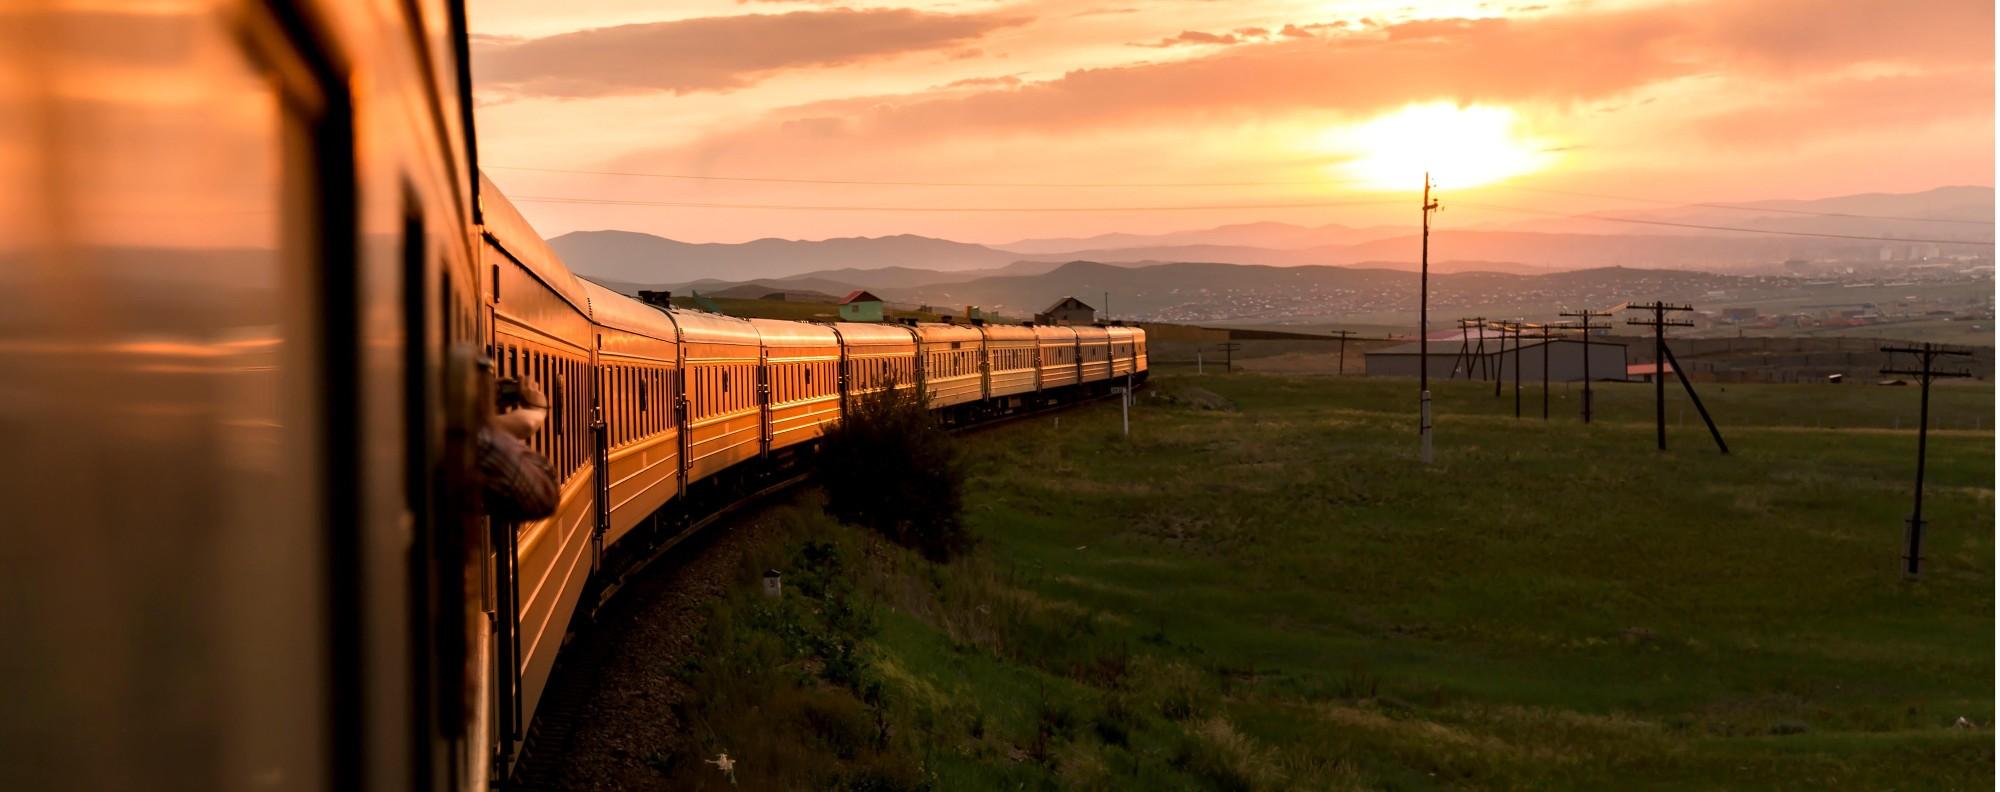 Sunrise over a Trans-Siberian train.